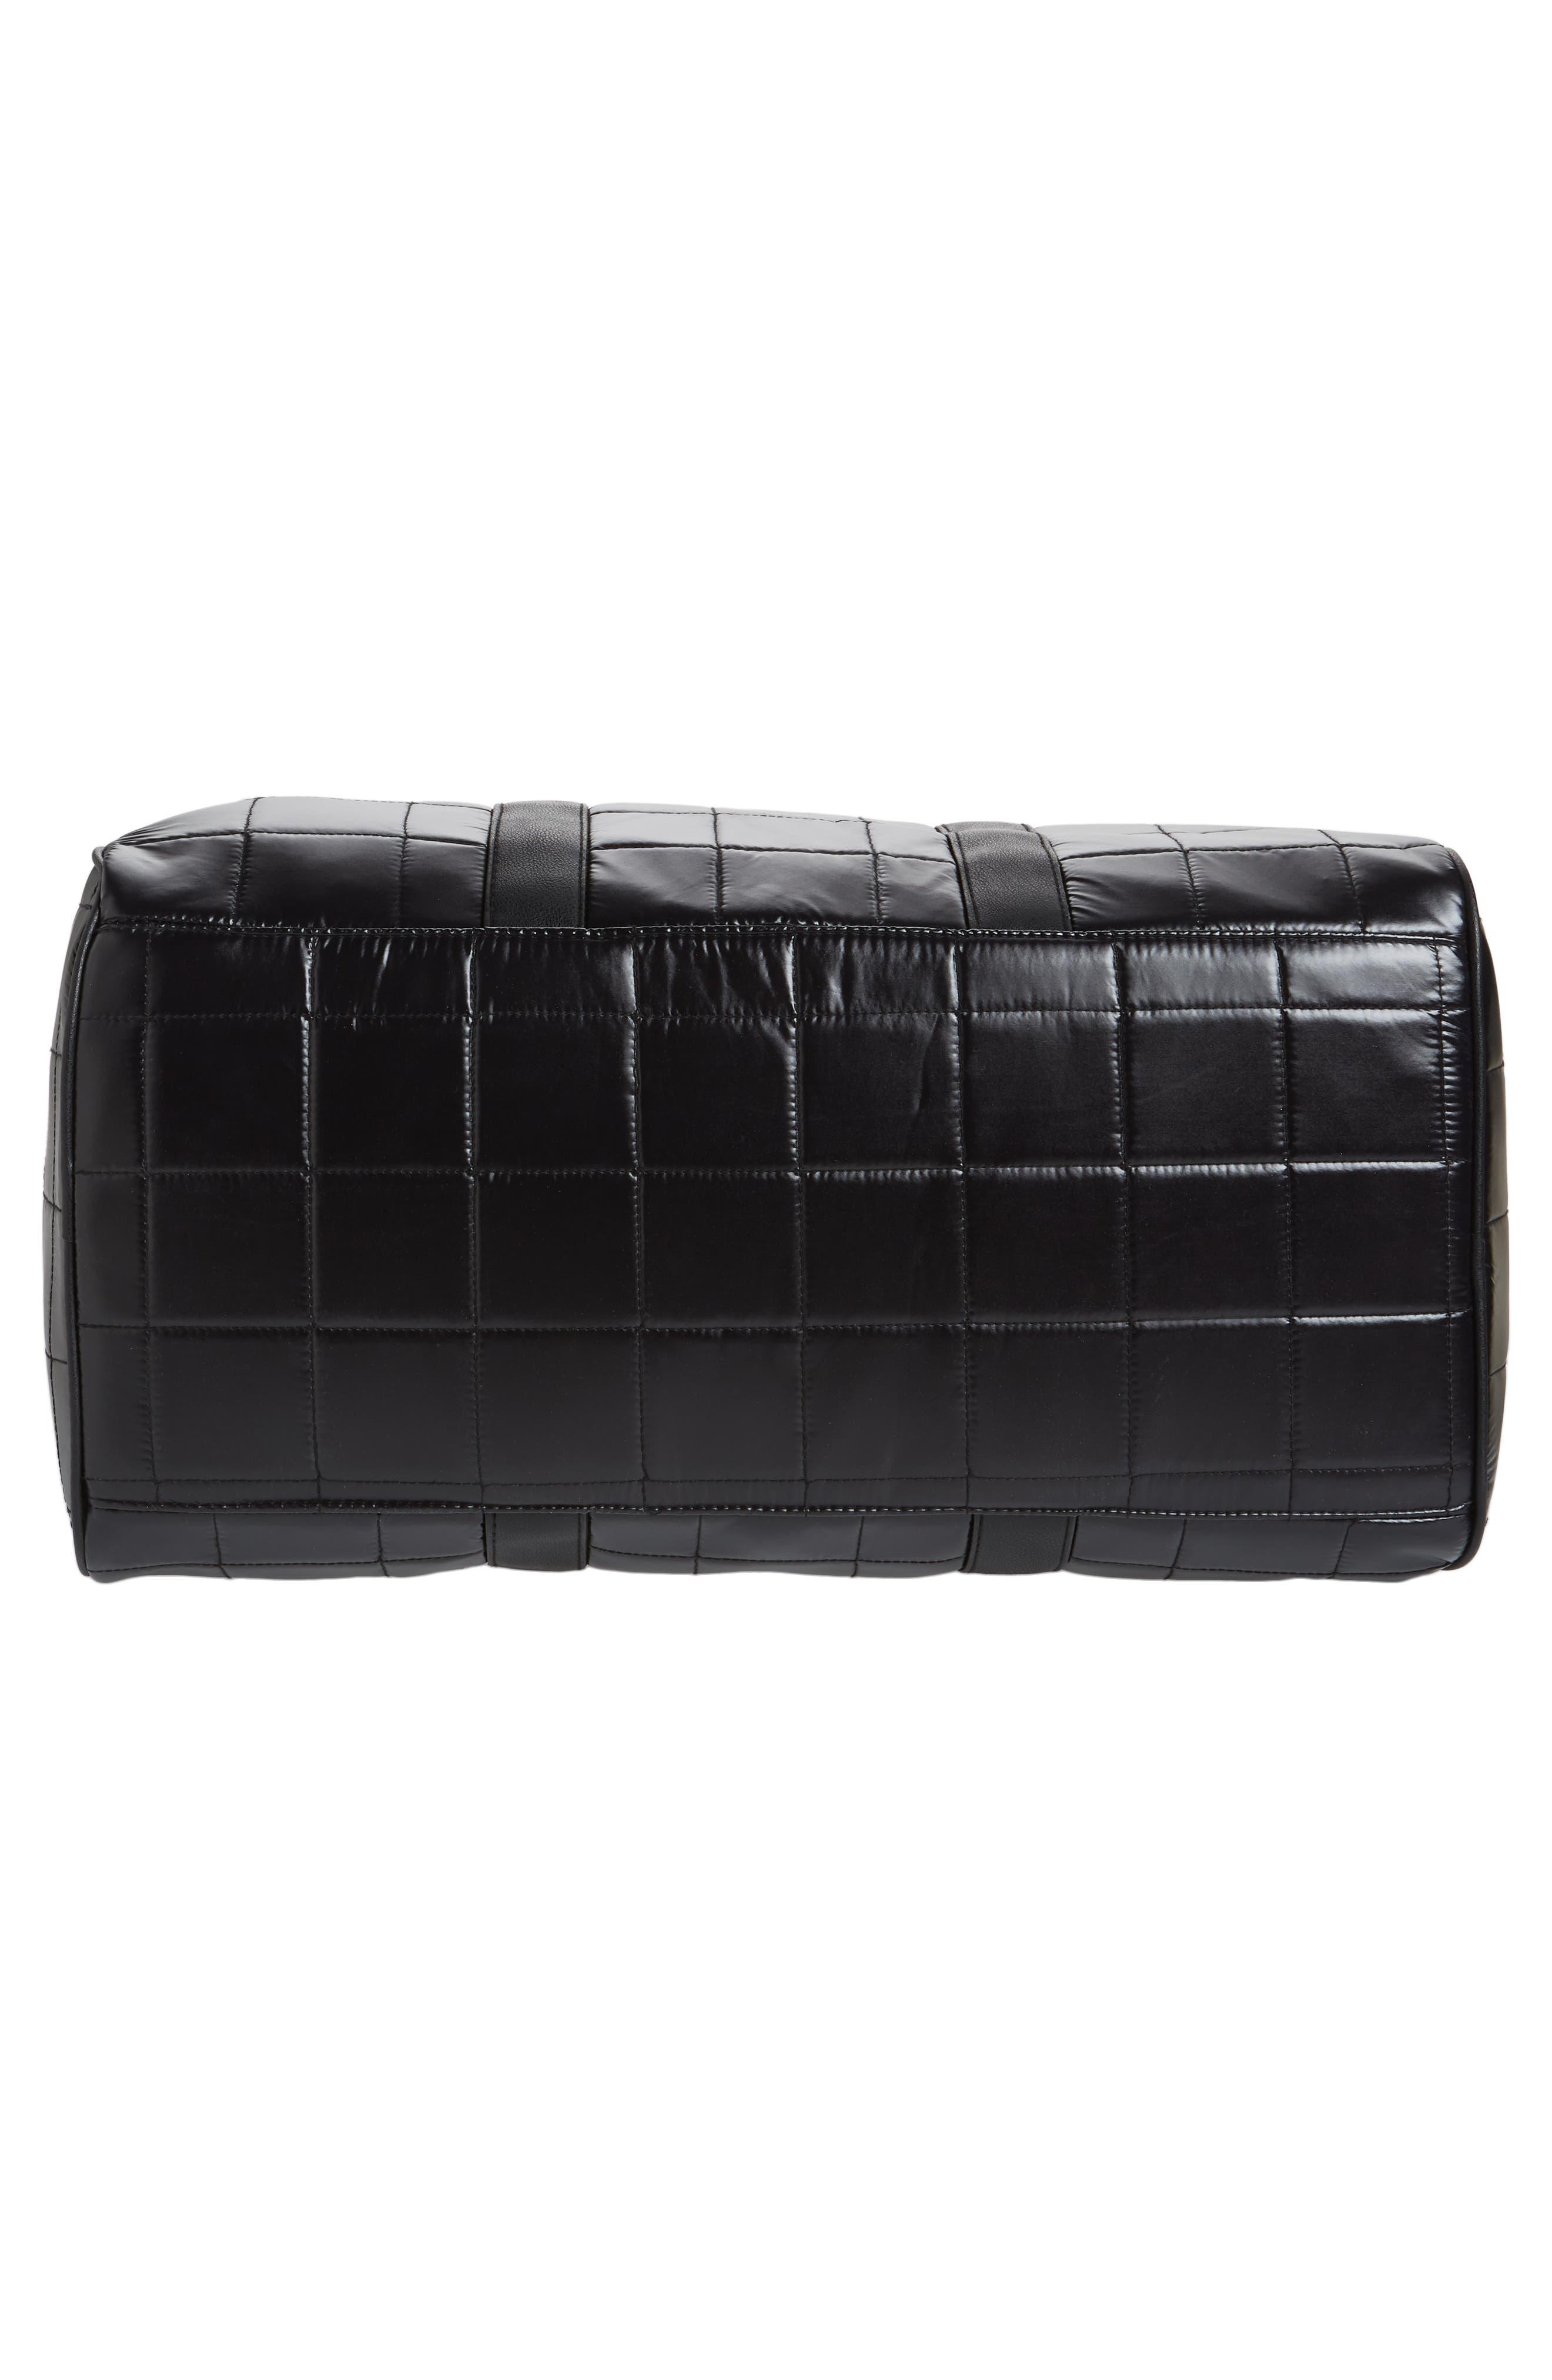 Puffer Duffel Bag,                             Alternate thumbnail 6, color,                             Black